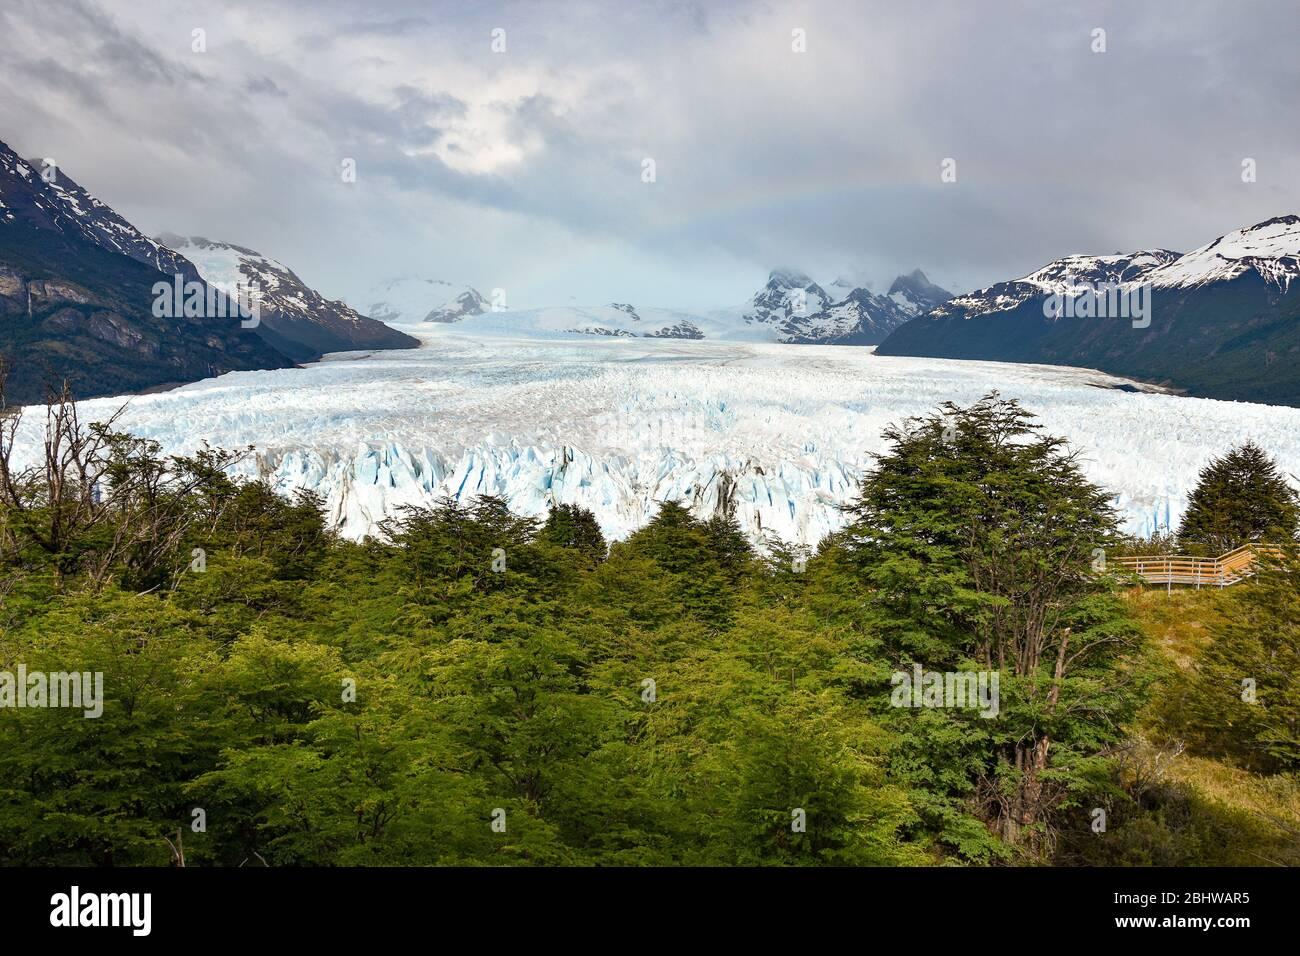 Paisaje con glaciar Perito Moreno, Cordillera de los andes, bosque y arco iris, Patagonia, Argentina Foto de stock